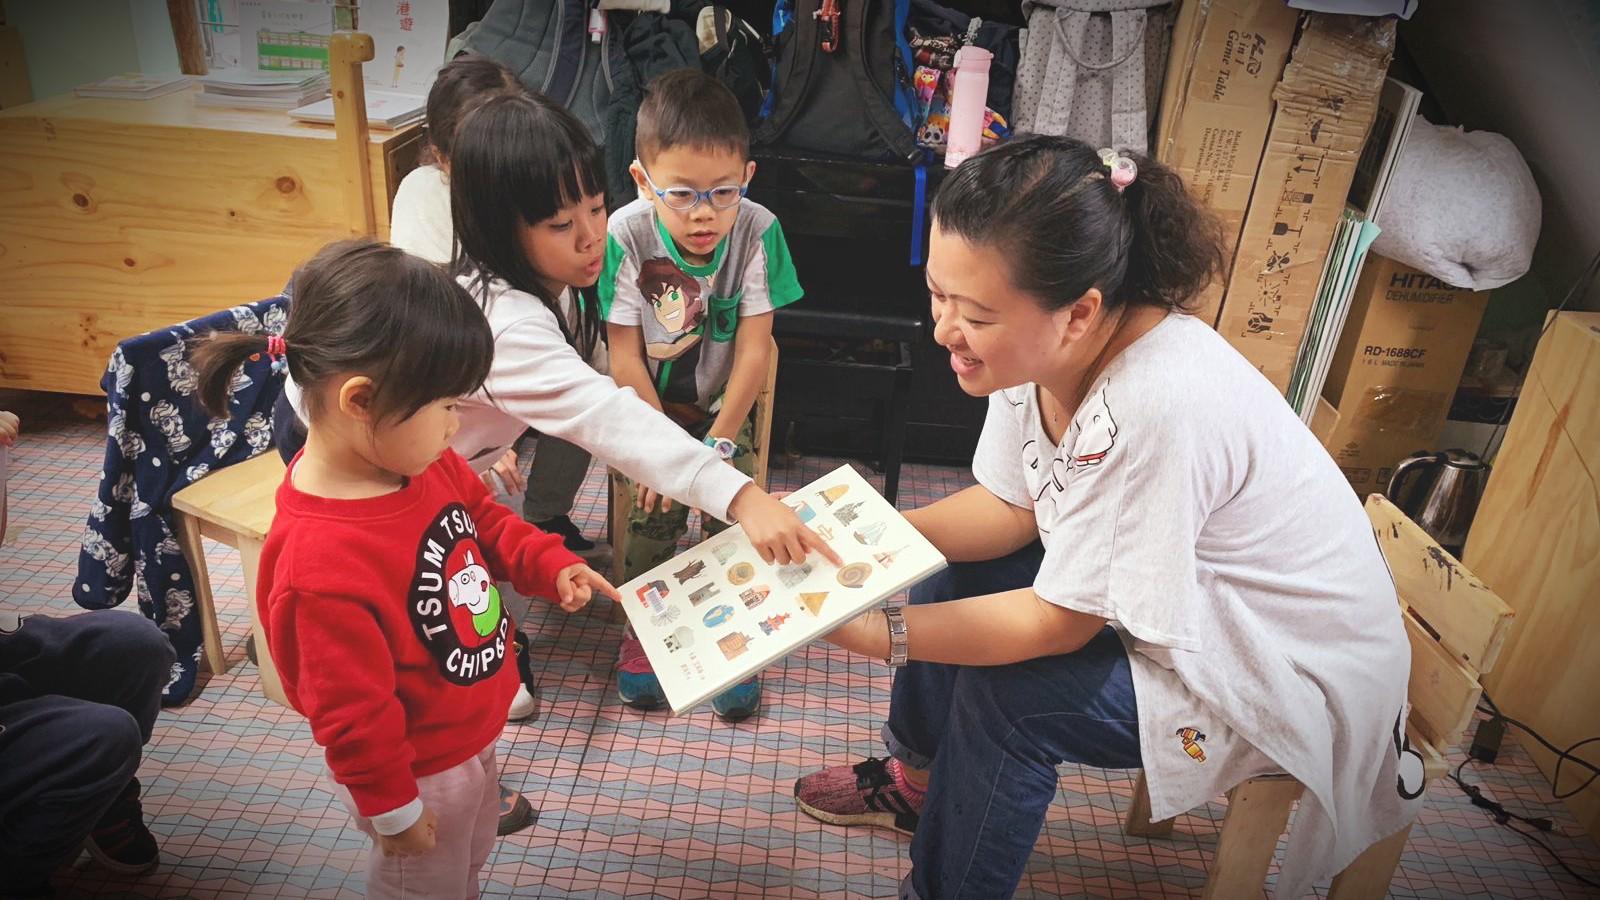 百好繪本士多|悅讀童年主題繪本時間#2月:我們的春節(適合4-7歲孩子和照顧者)